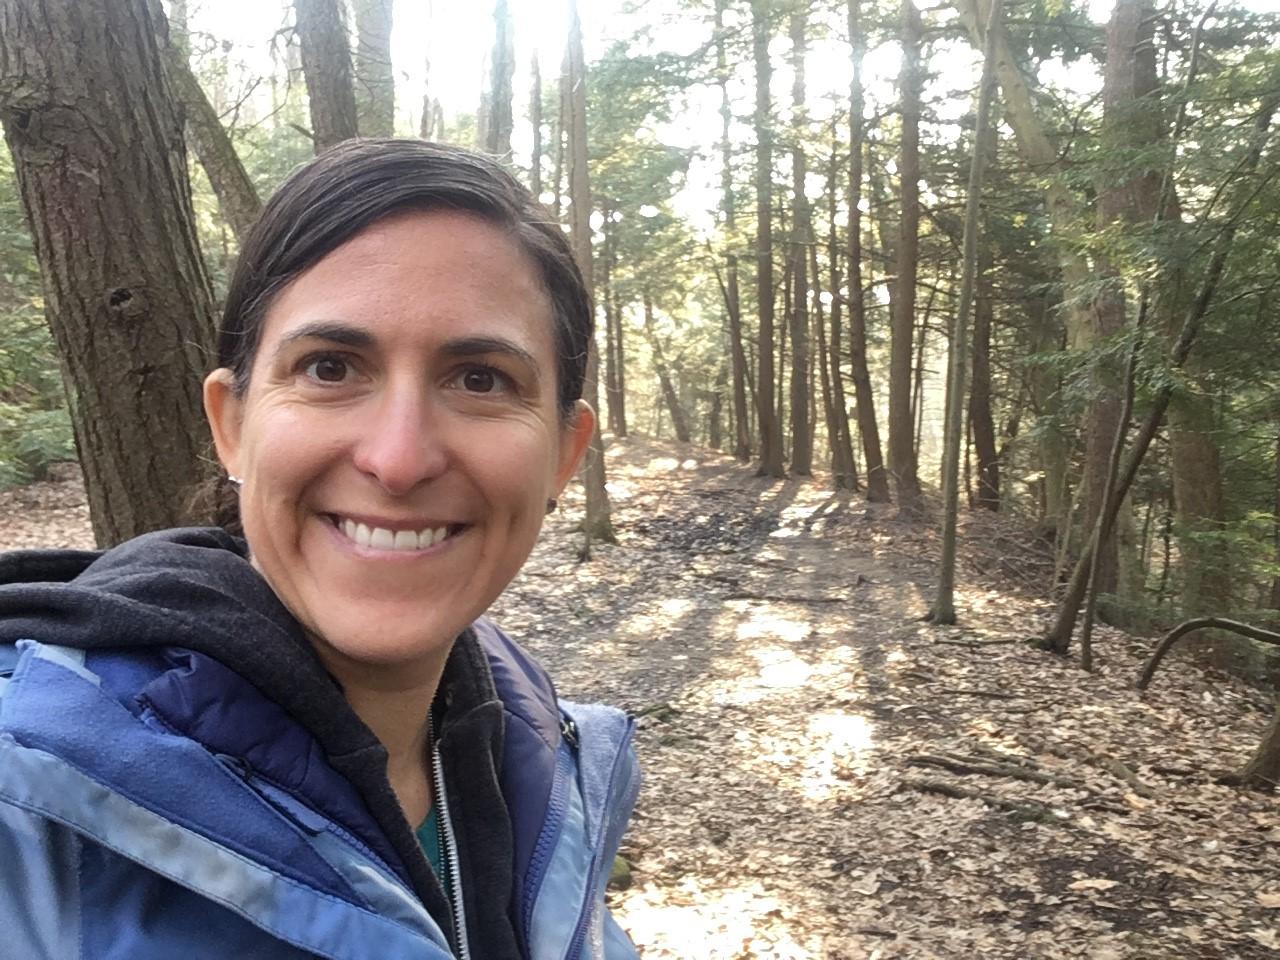 Lisa @ Wild & Scenic River in PR, Feb 2019